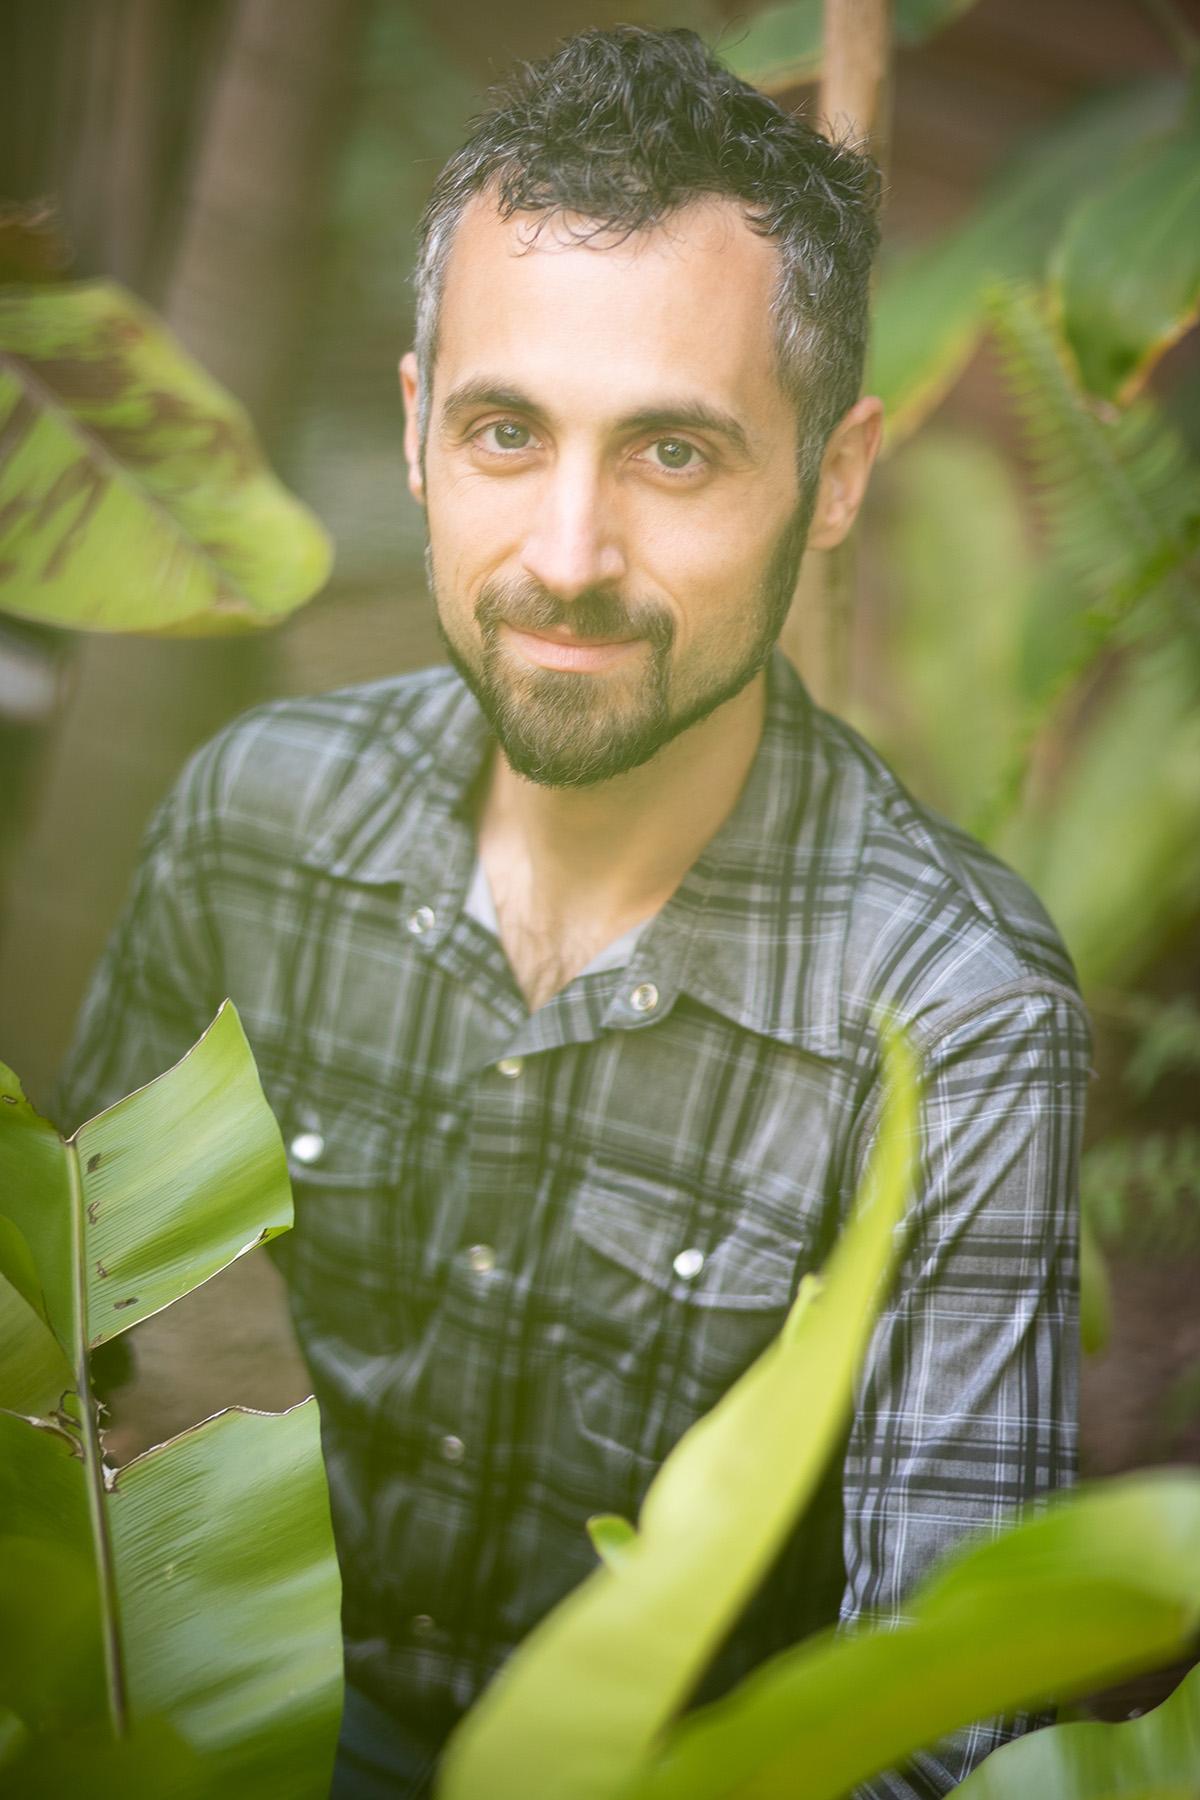 Aaron Michael Pyne